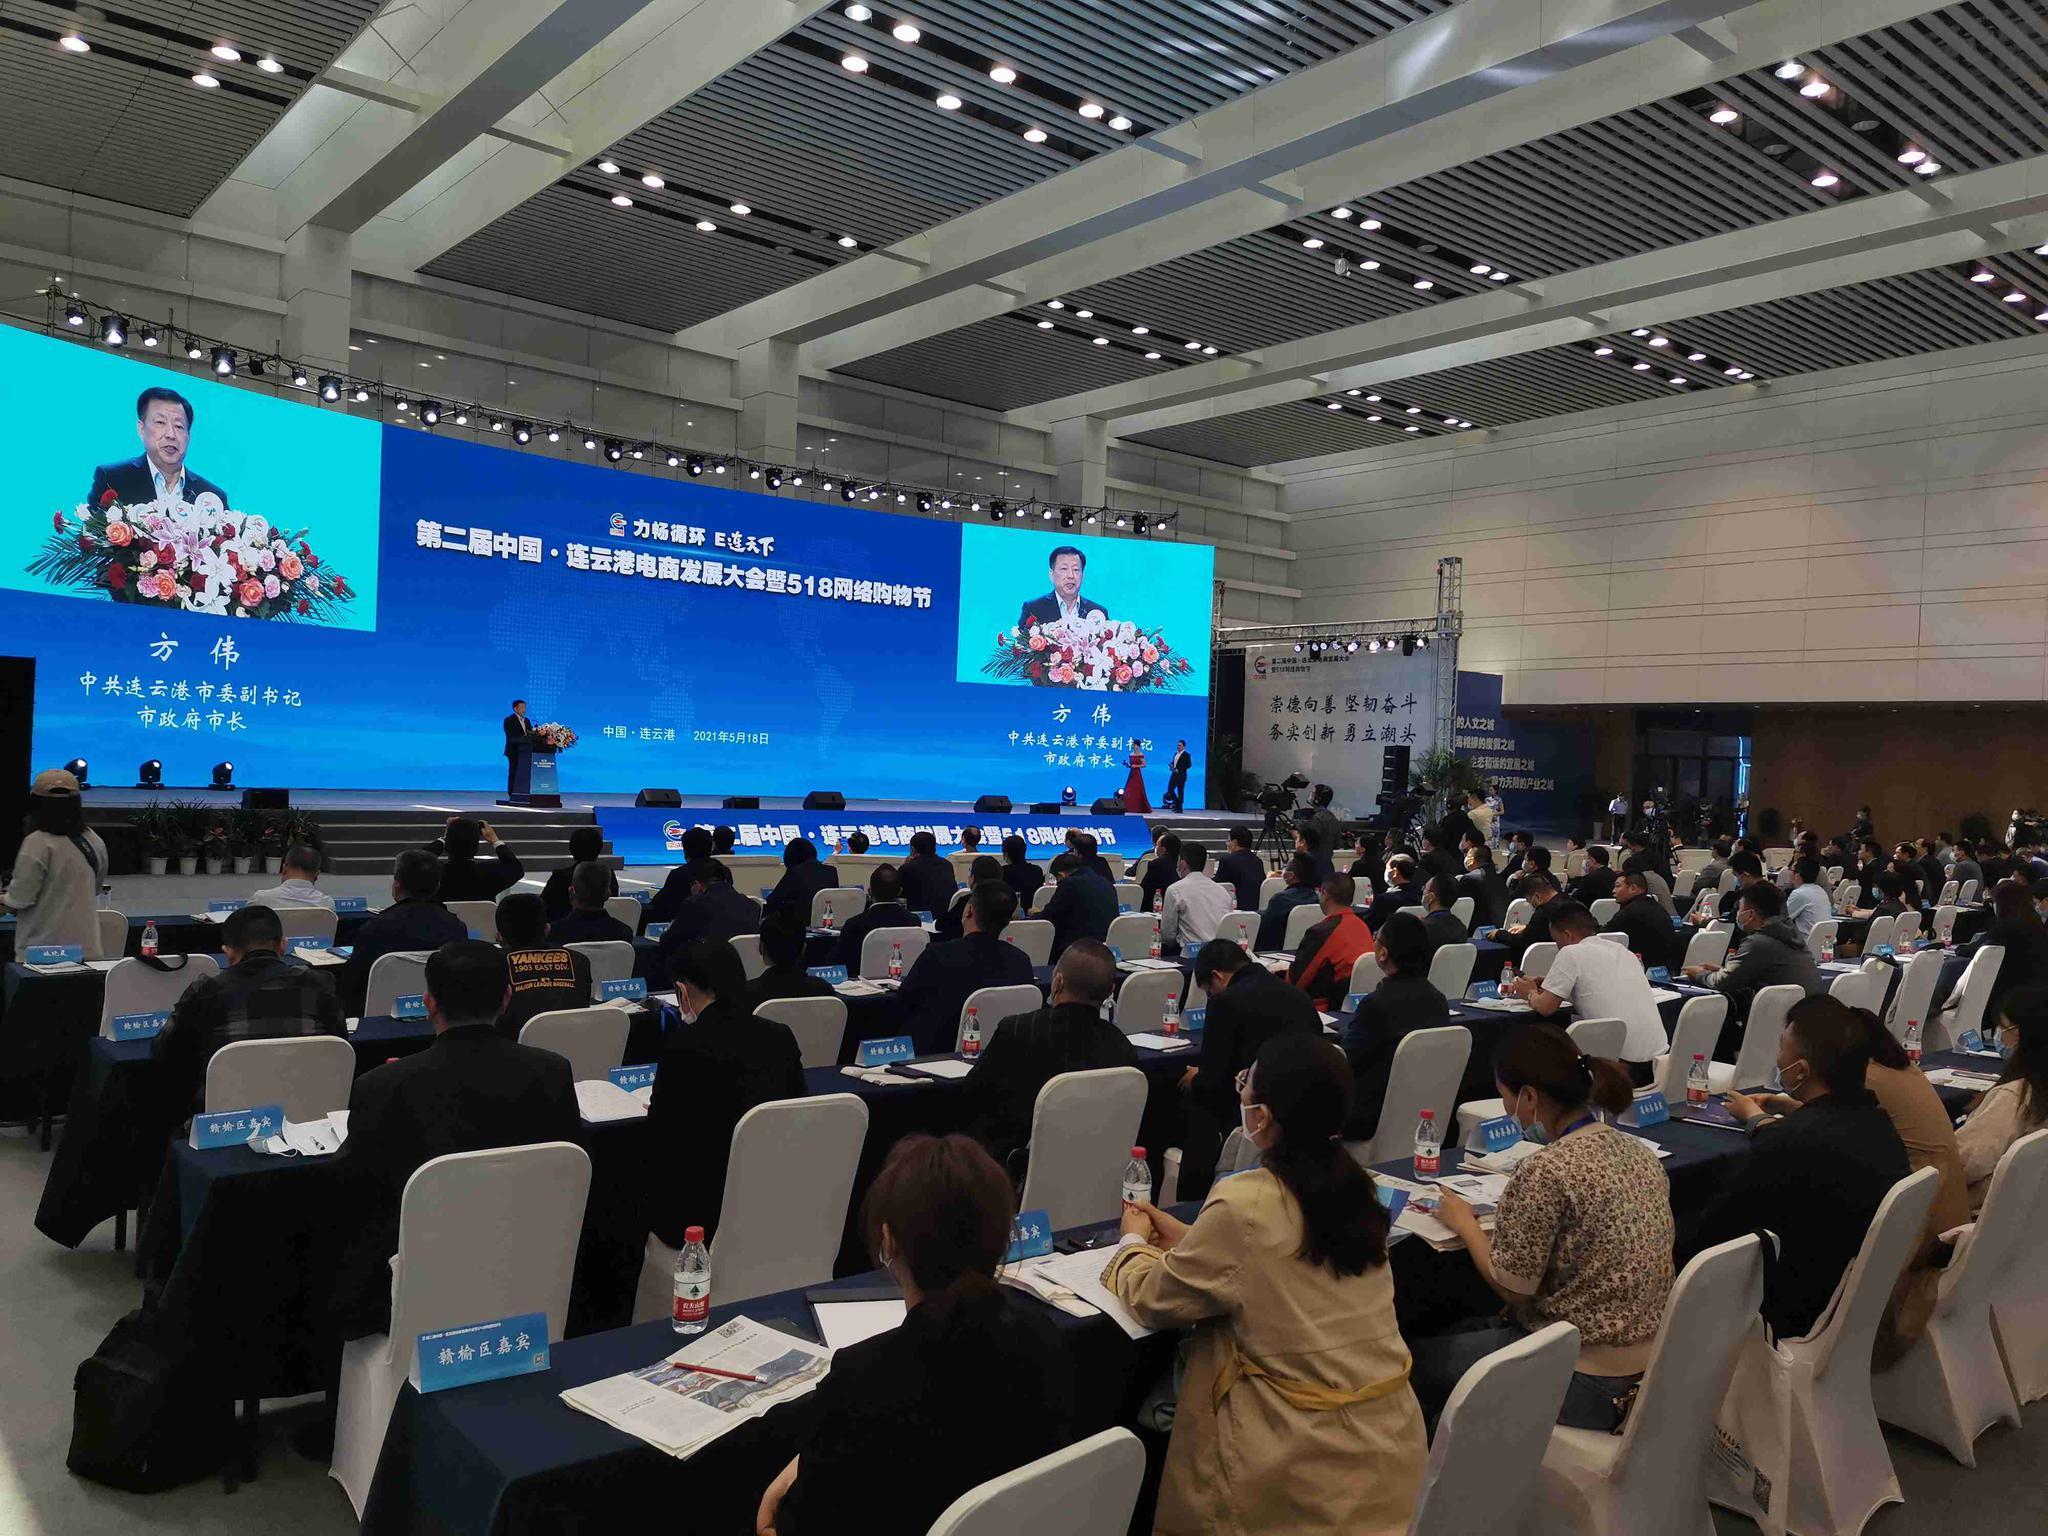 连云港电商发展大会暨518网络购物节开幕